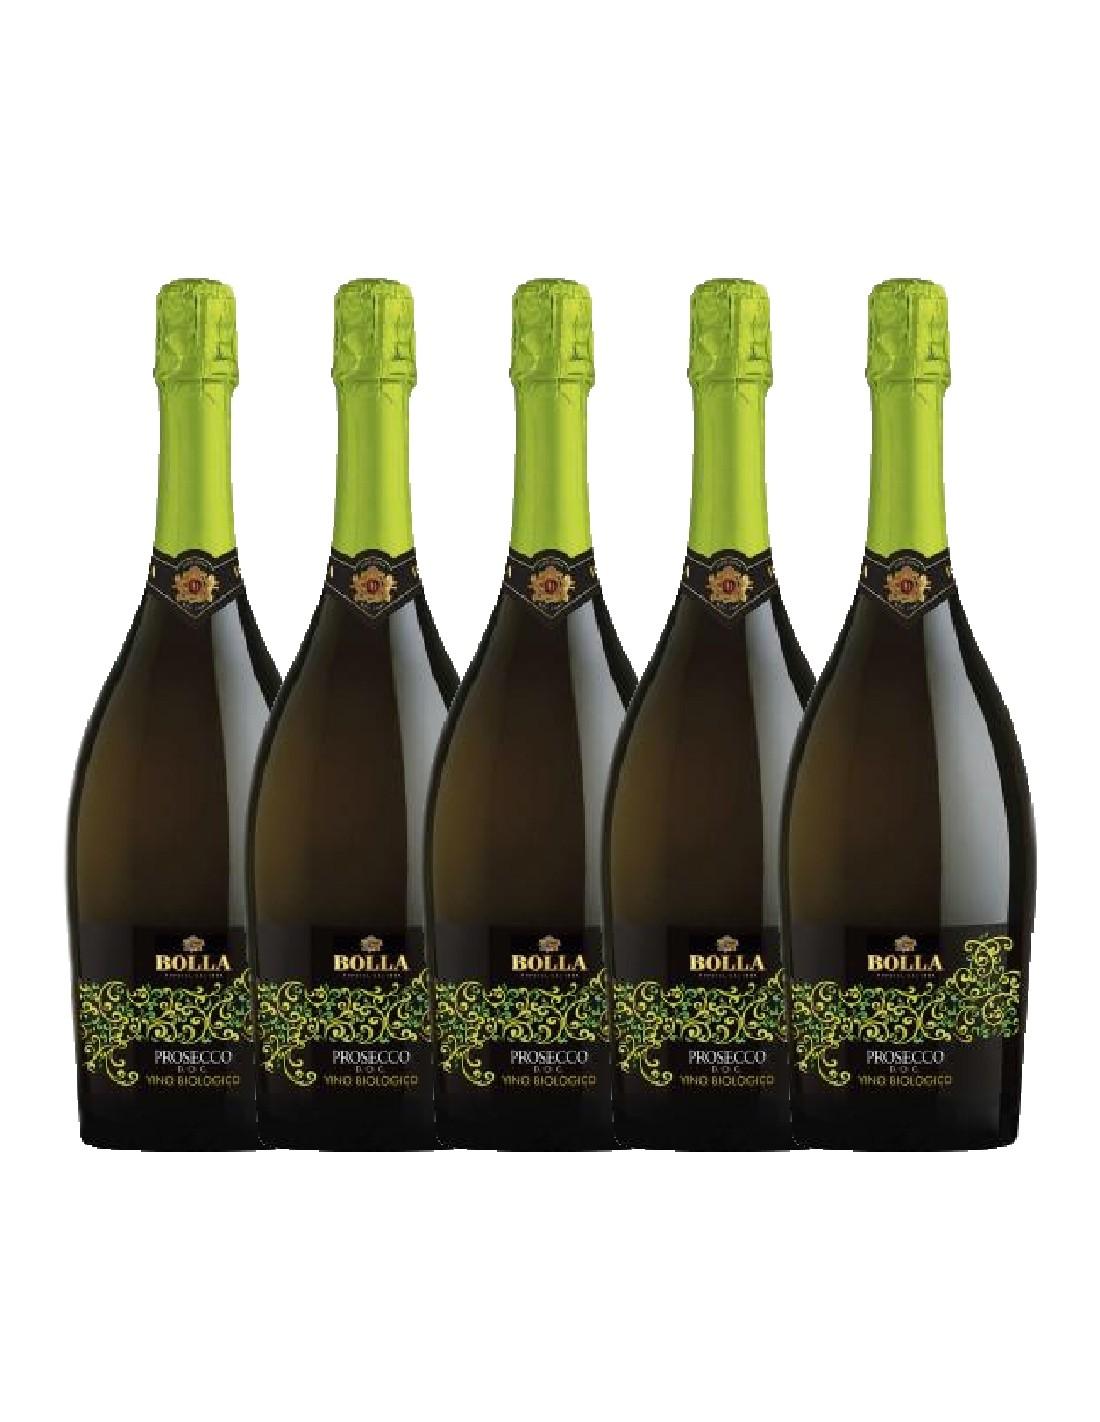 Pachet 5 sticle Vin prosecco Bolla Biologico Veneto, 0.75L, 11% alc., Italia